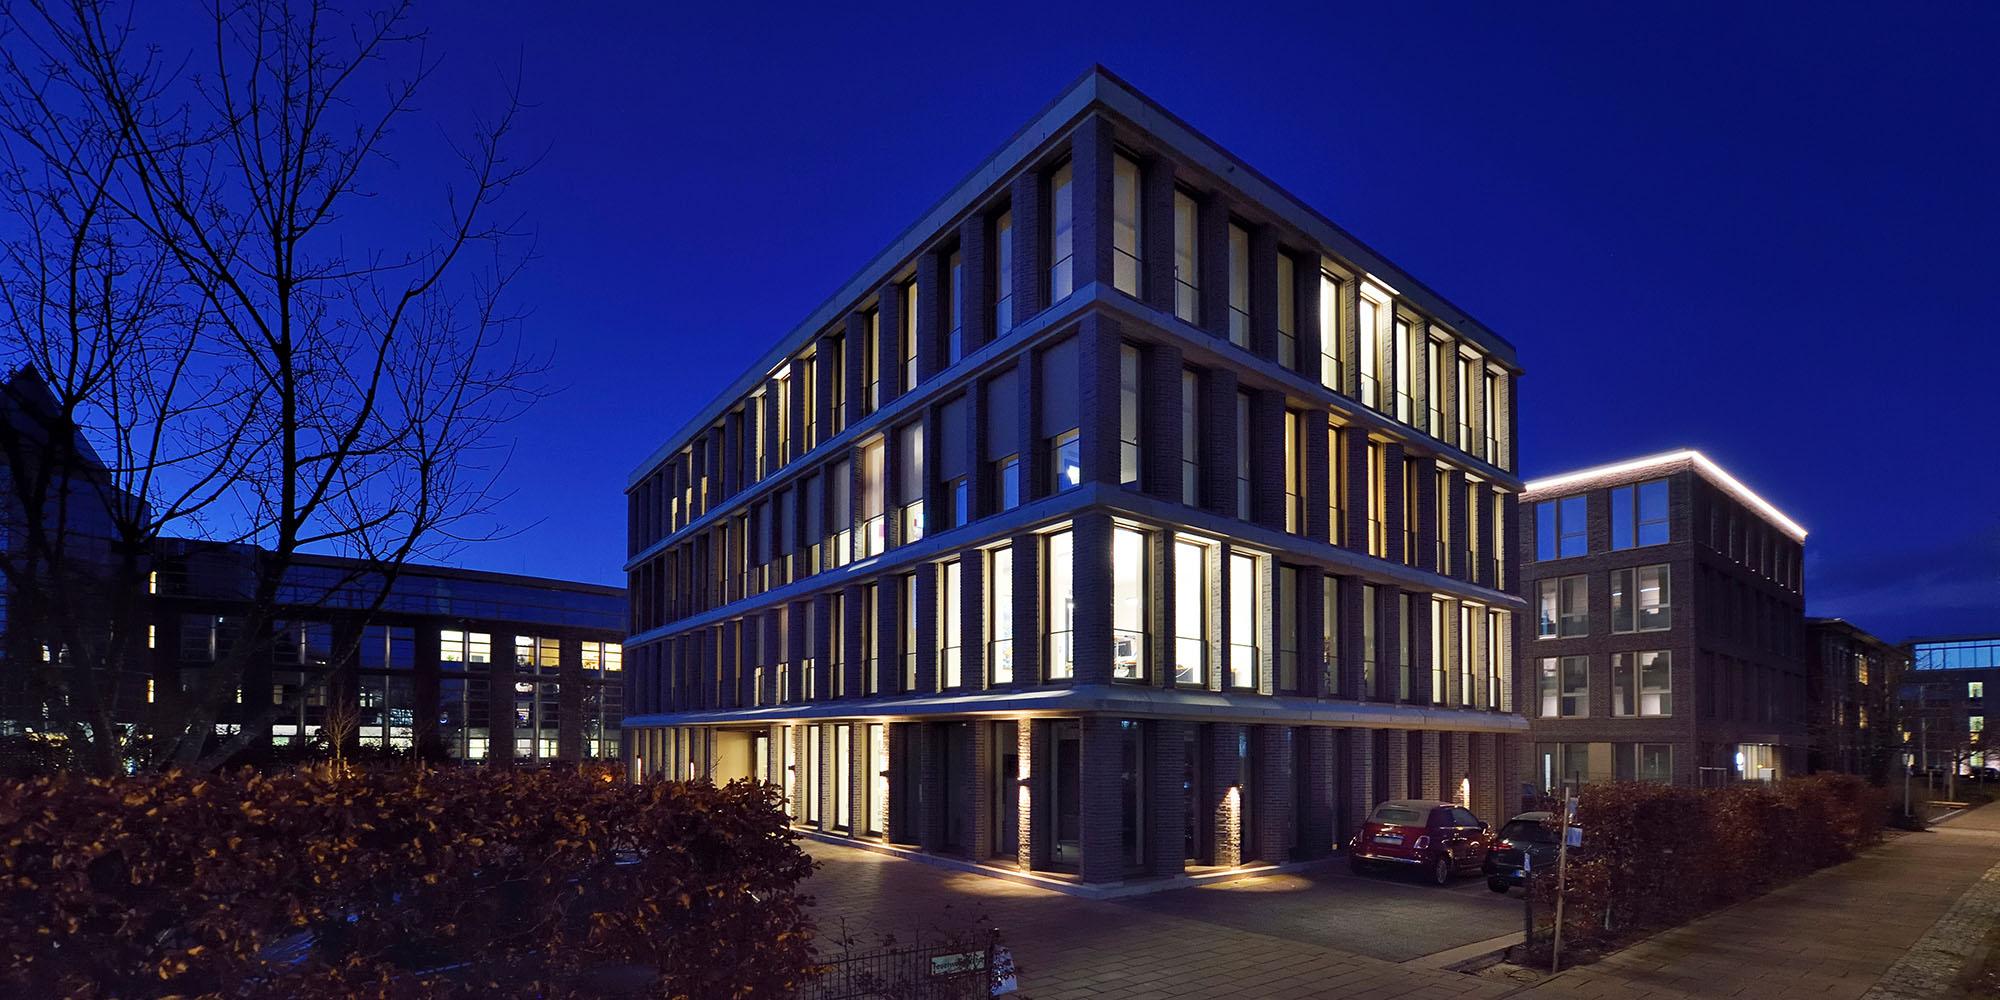 Büroneubau: Variable Fassaden- und Raumgestaltung